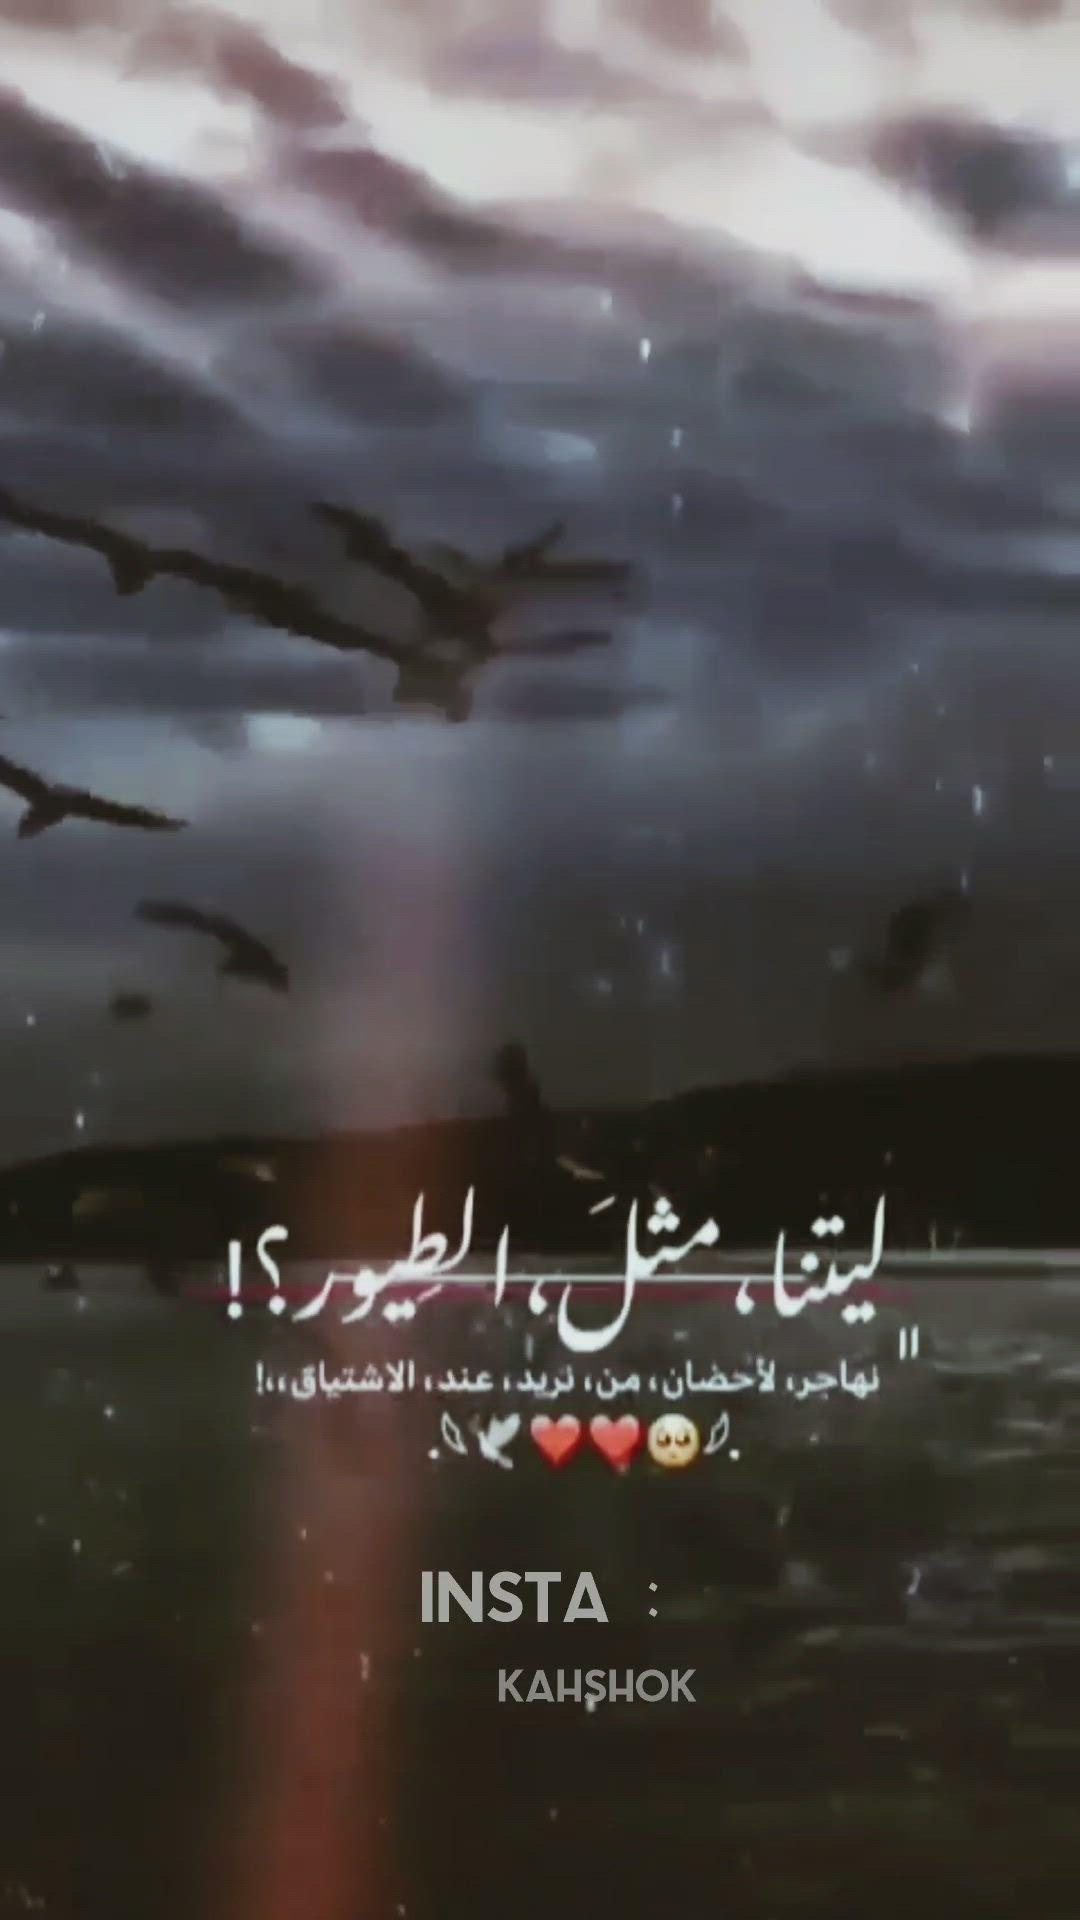 ليتنا مثل الطيور Video Love Quotes Wallpaper Iphone Wallpaper Quotes Love Beautiful Love Images